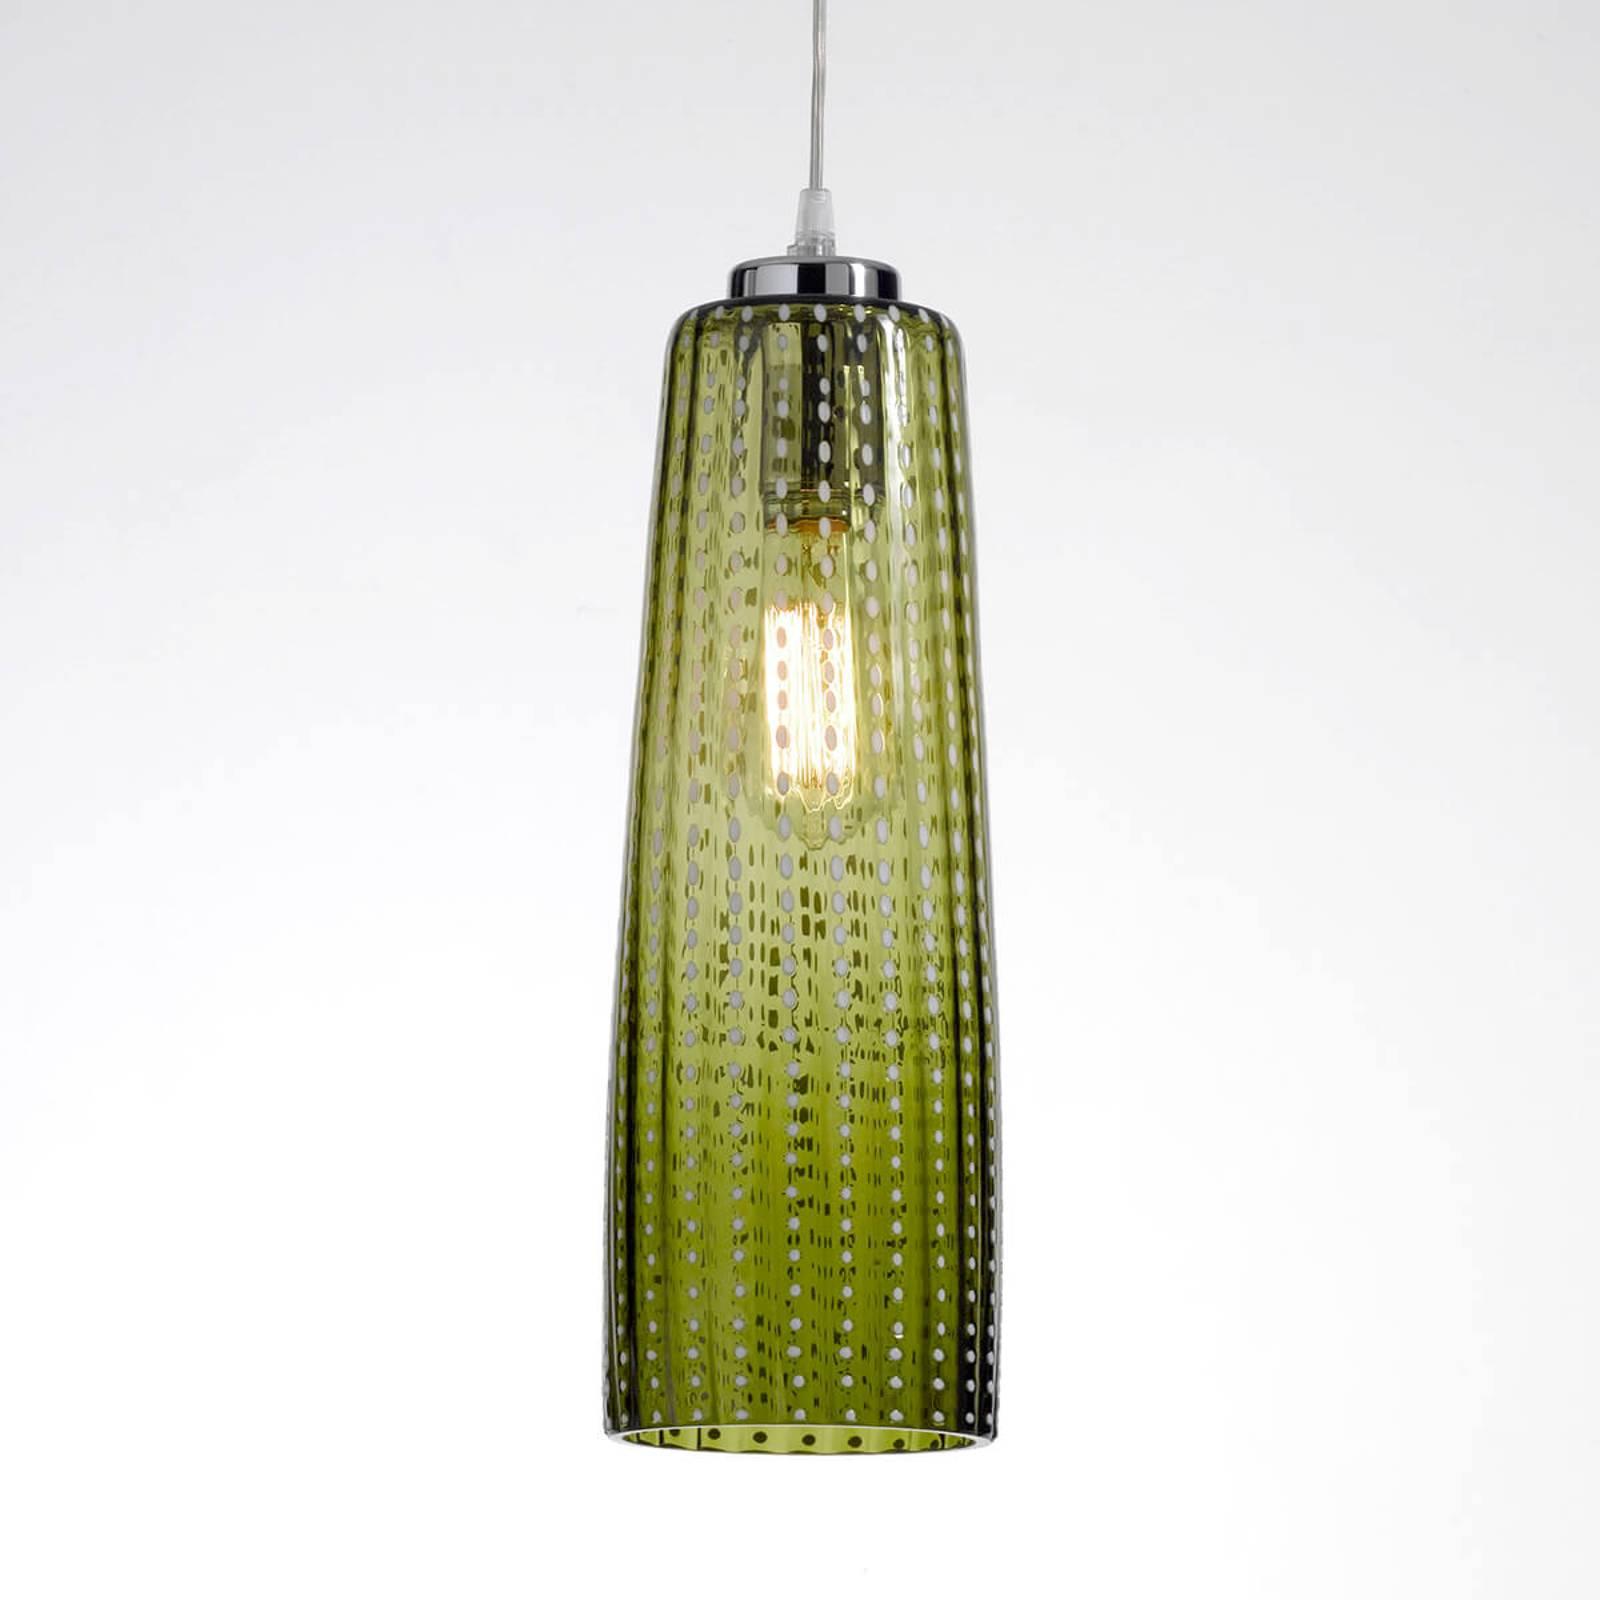 Bilde av Glass-hengelampe Perle, Eplegrønn